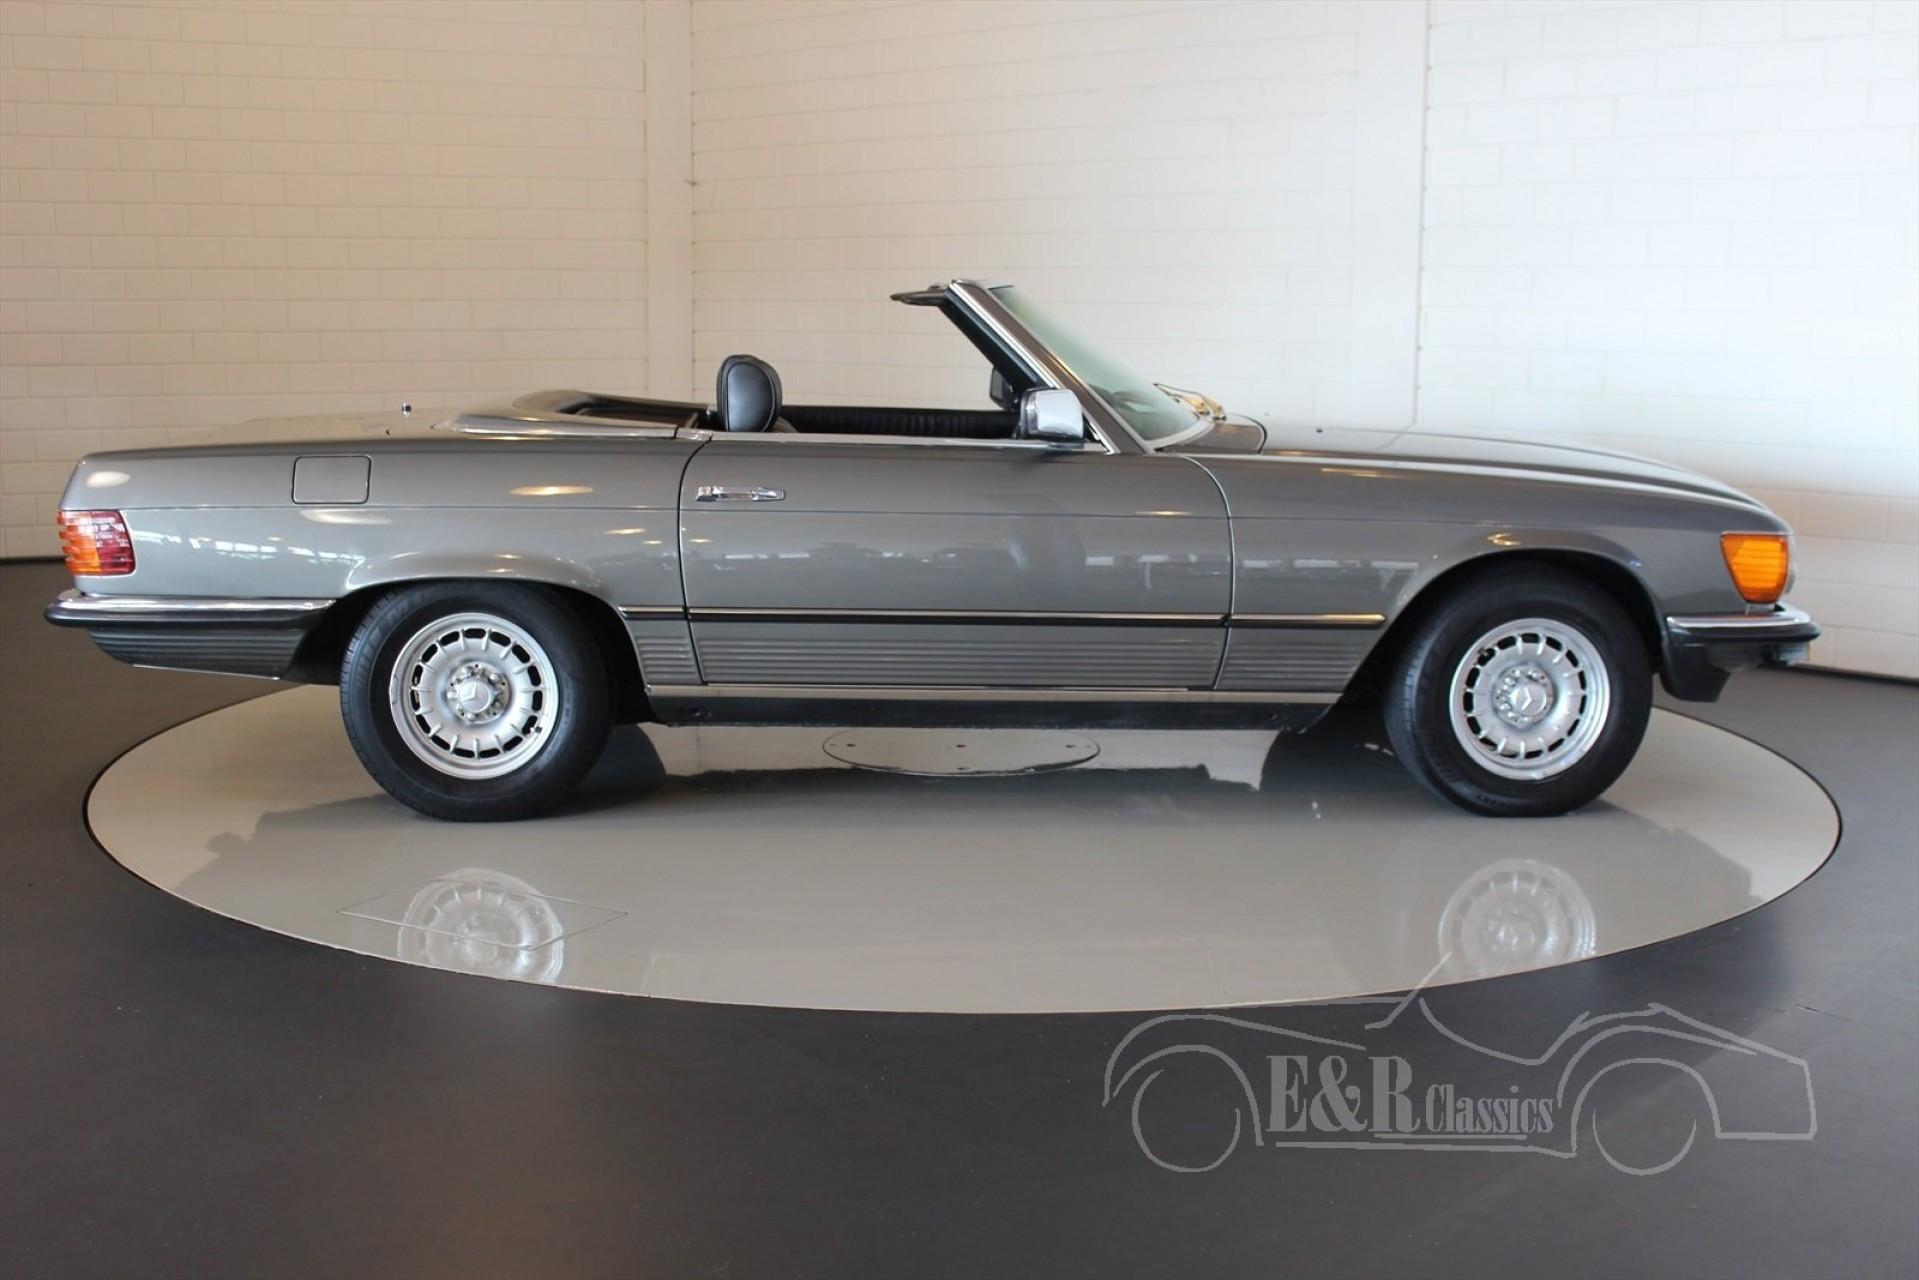 Mercedes benz sl 280 cabriolet 1980 for sale at erclassics for Mercedes benz sl 280